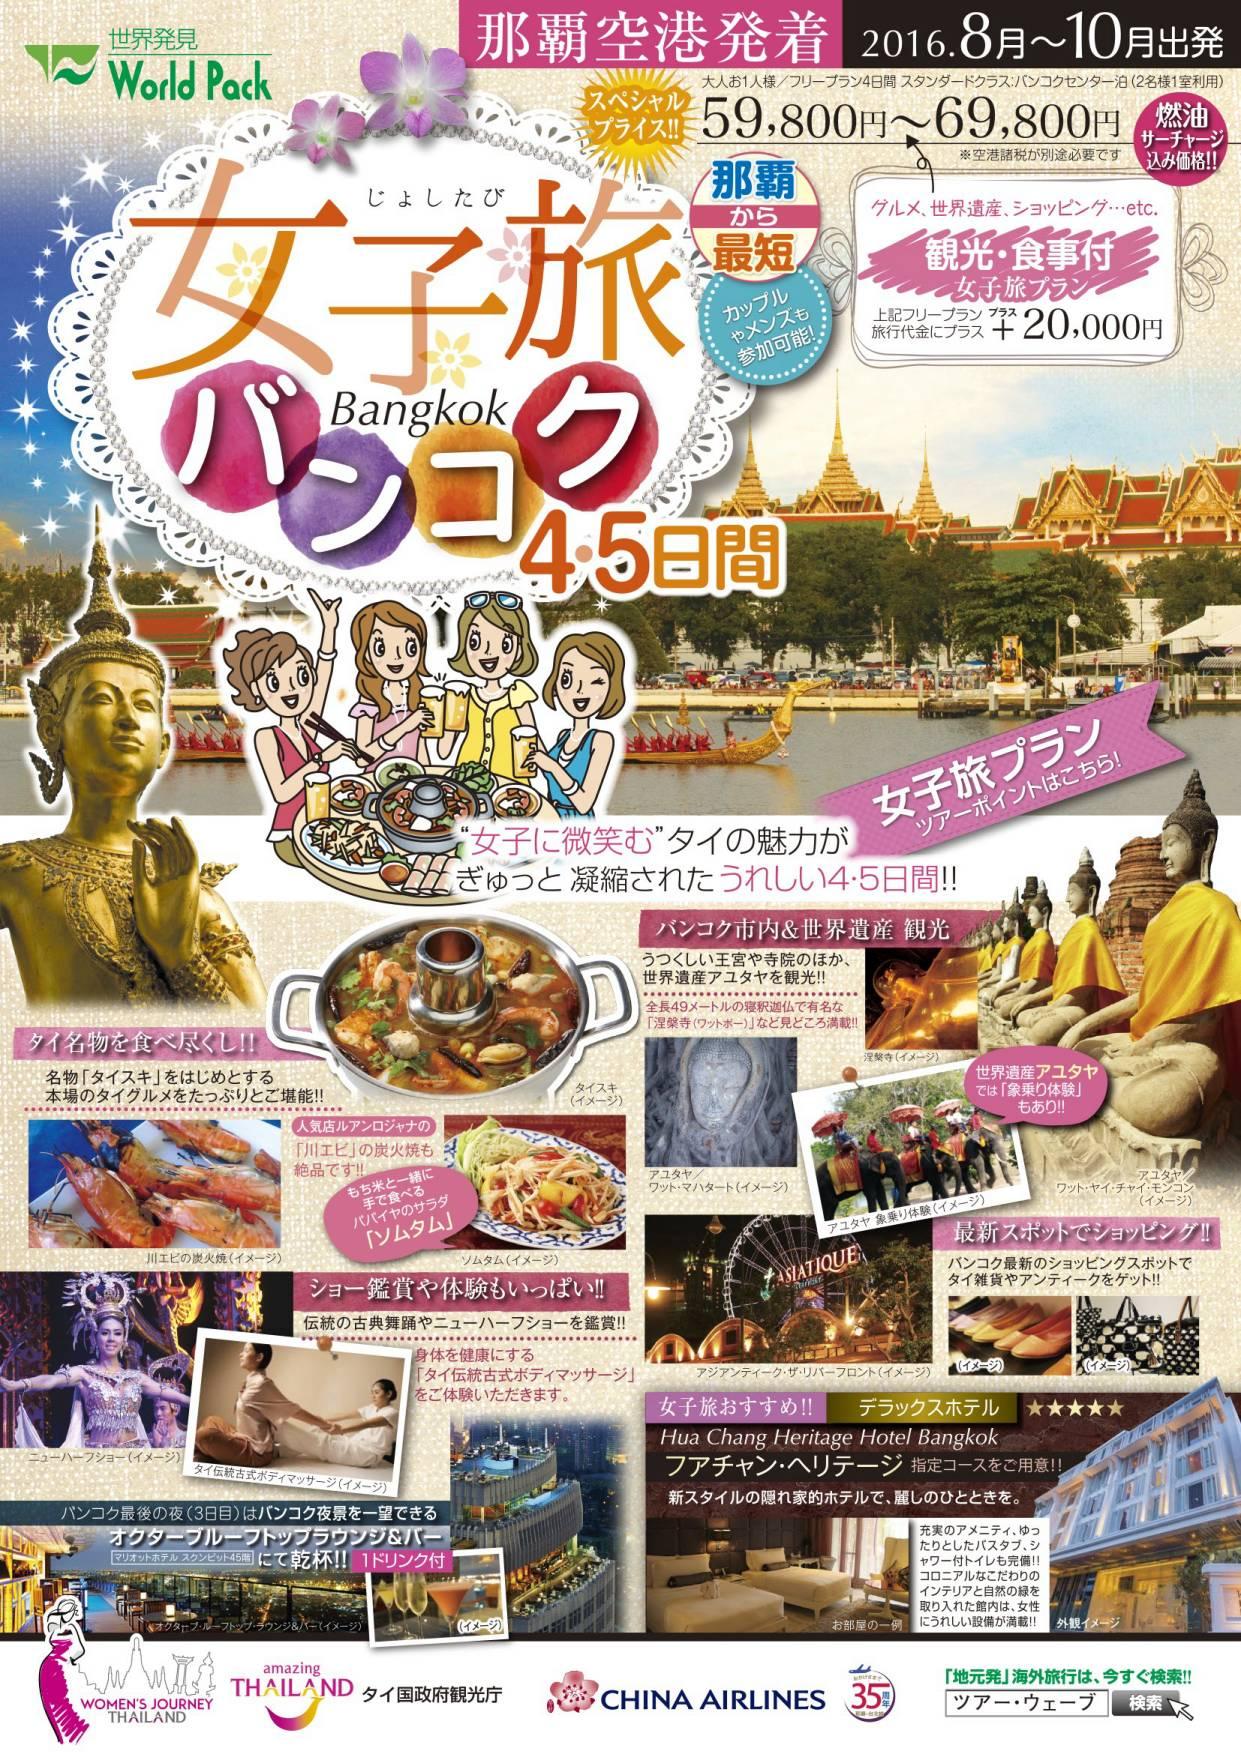 女子旅 バンコク 4・5日間twv_joshitabi16_08-10-bkk_01